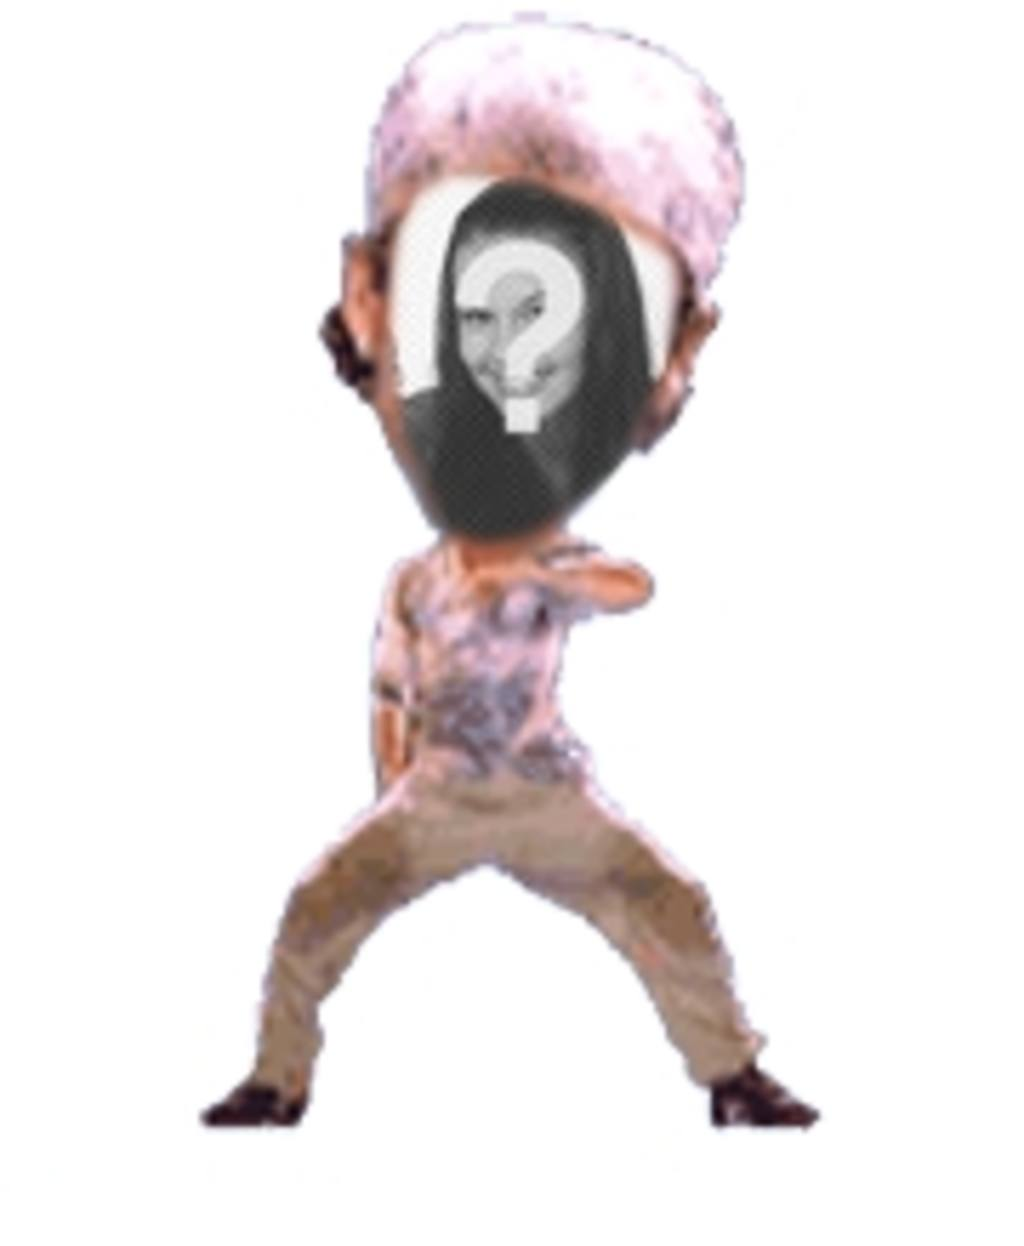 Animação personalizada divertido em que você pode colocar seu rosto em um dançarino fantástico